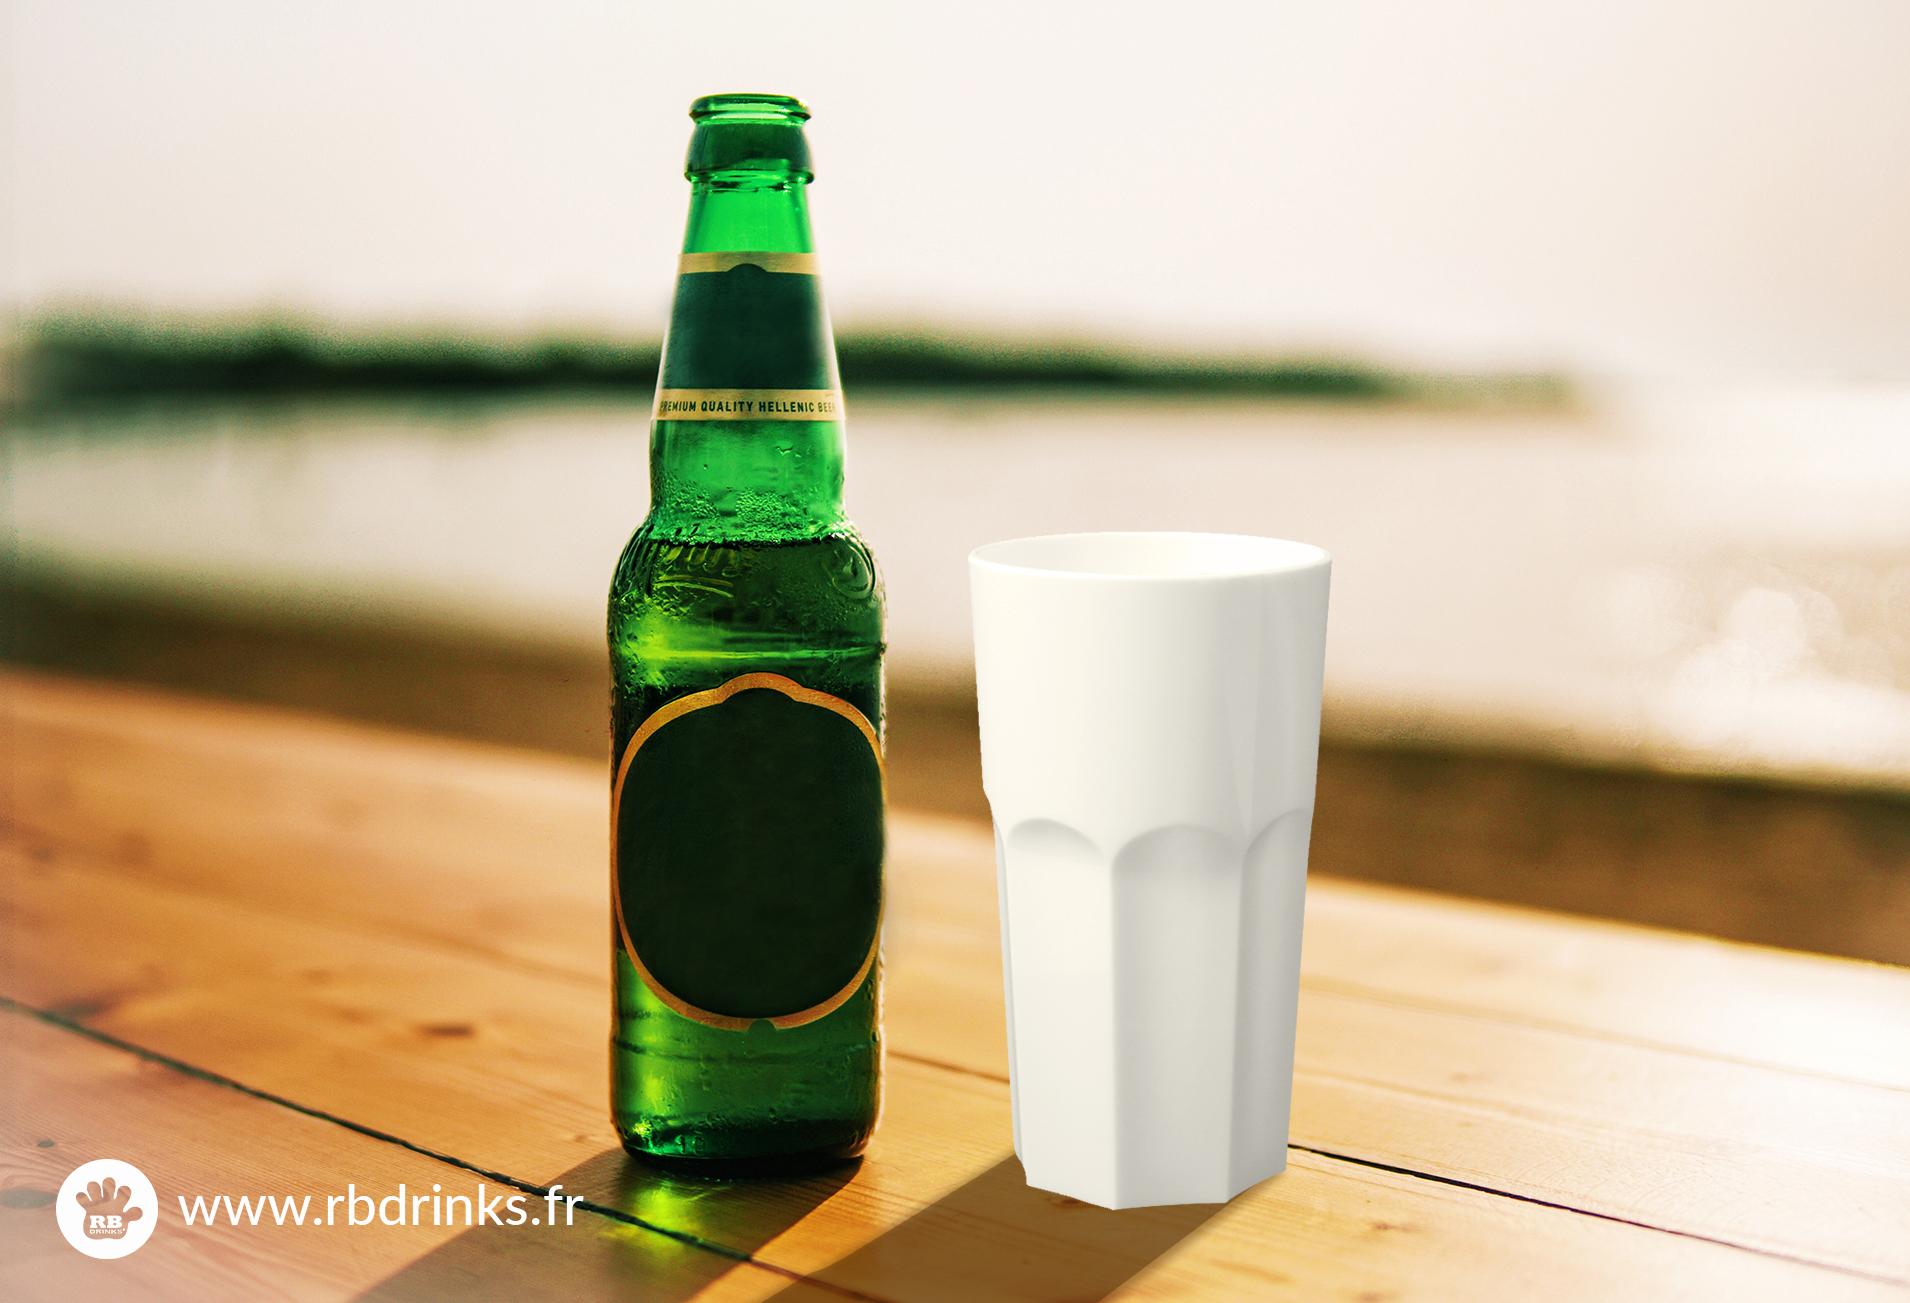 Pourquoi les bouteilles de bière sont-elles foncées ? | RBDRINKS®